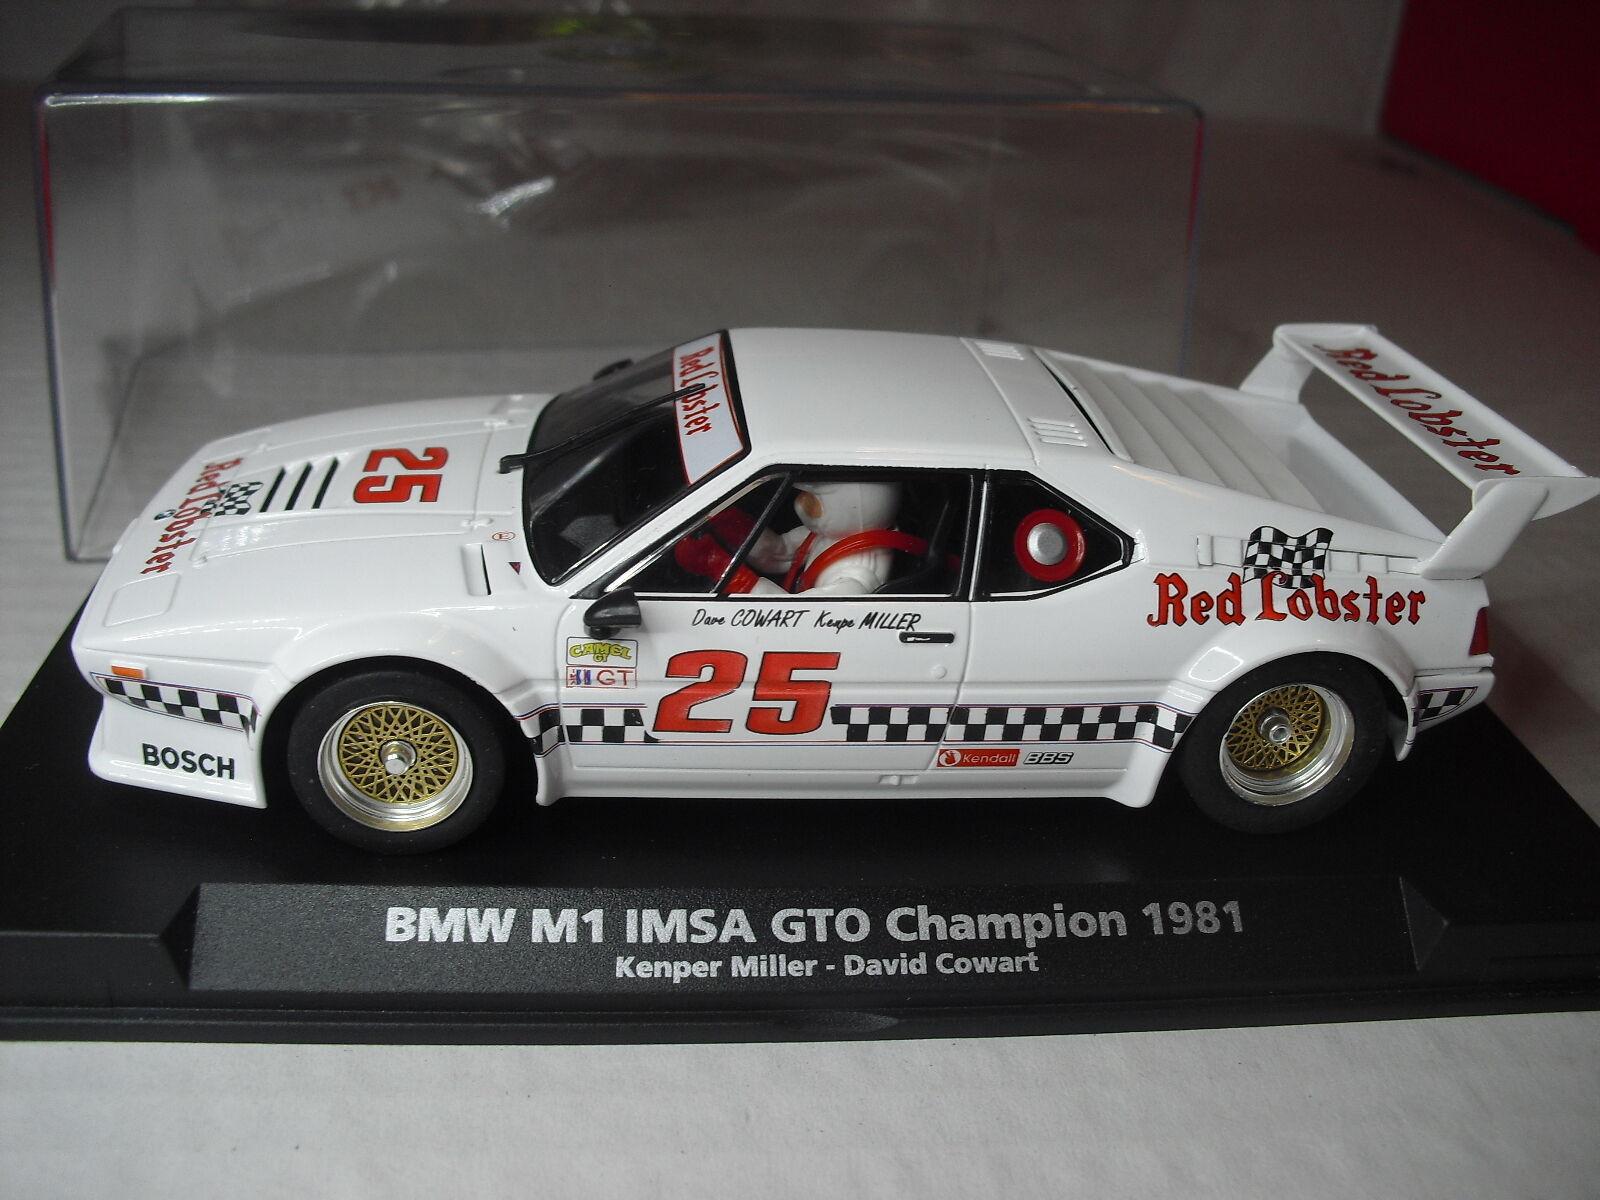 Flyslot BMW & GTO Champion  1981 nouveau 1 32  expédition rapide et meilleur service